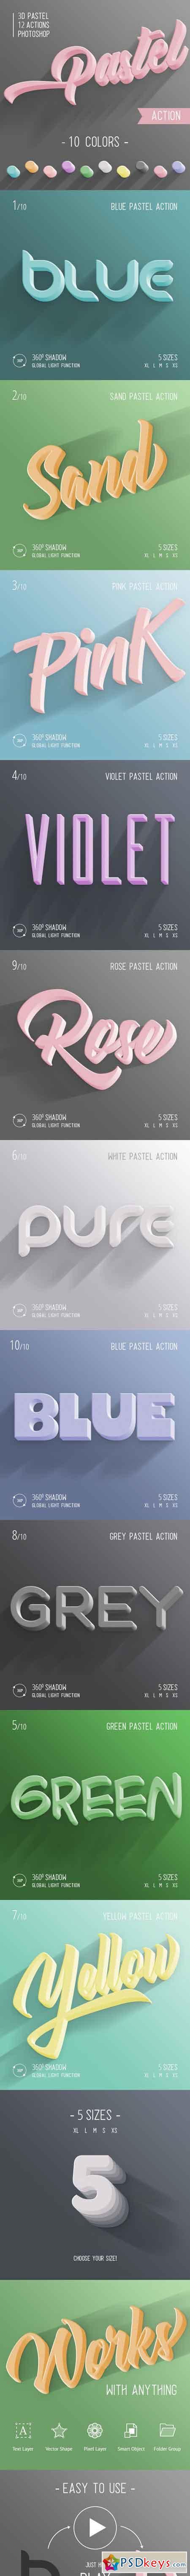 3D Pastel Photoshop Action 22992157